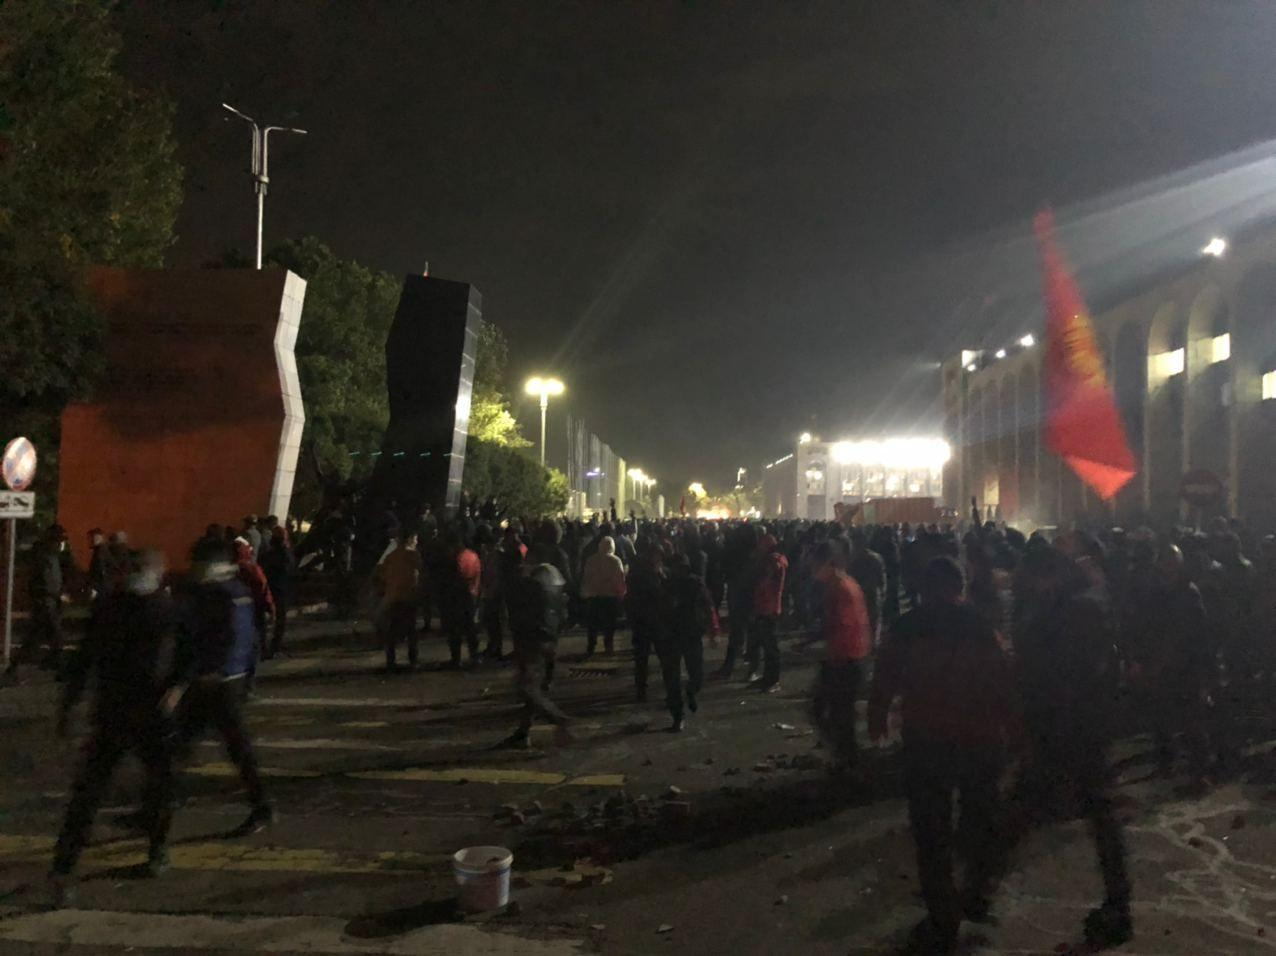 В Бишкеке протестующие ворвались в Белый дом – членов правительства срочно вывезли автомобилями